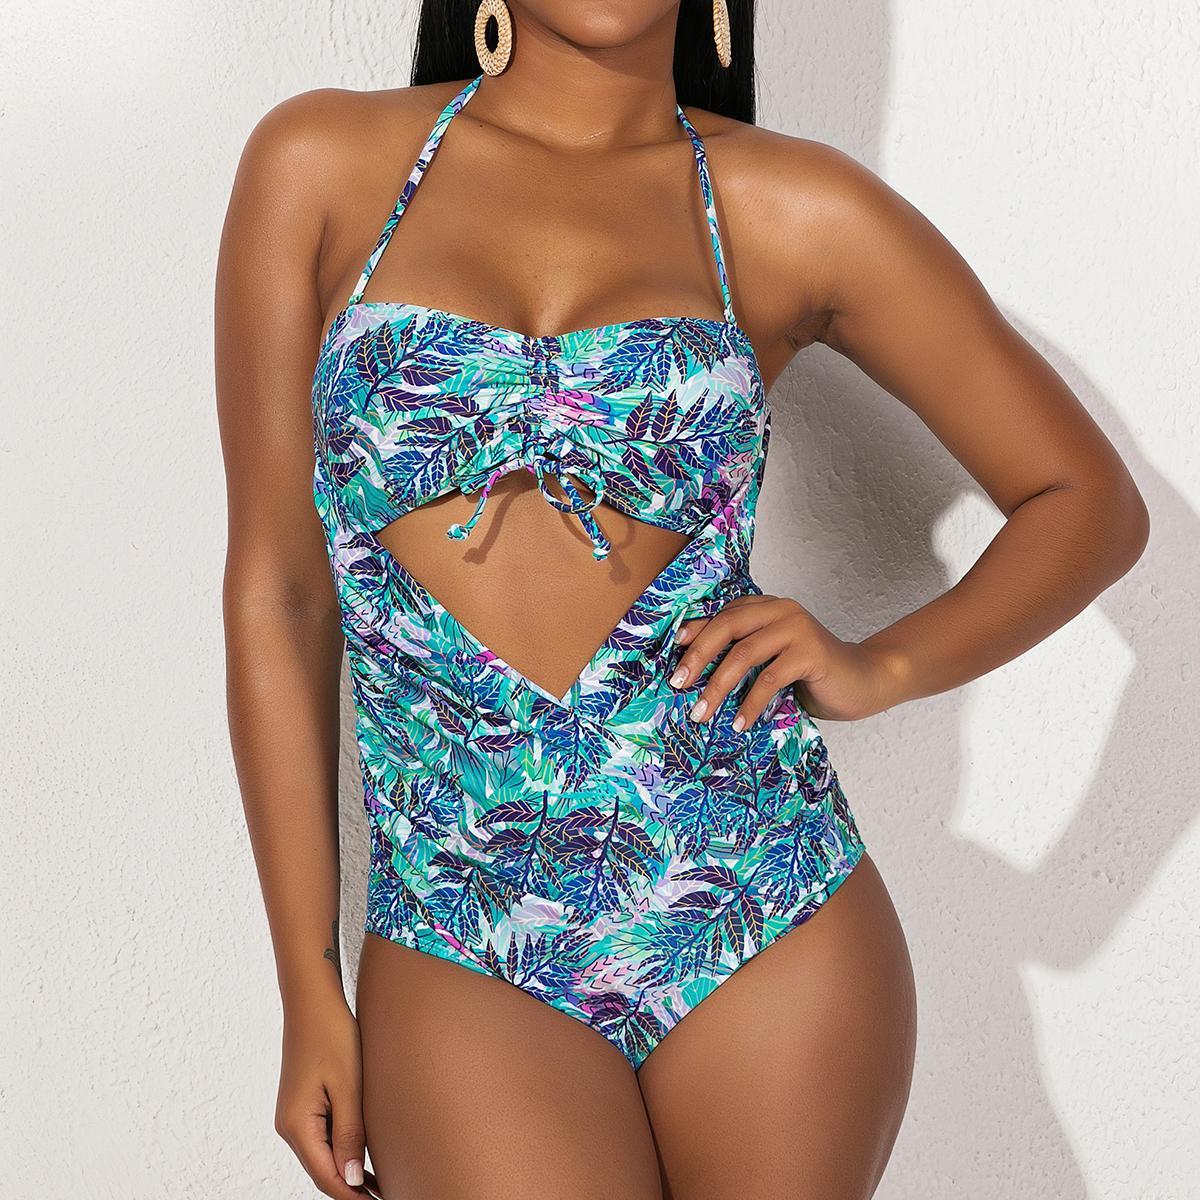 قطعة واحدة جديدة سباحة الملابس ضمادة المرأة بيكيني مجموعات الطباعة أنثى بيكيني ملابس السباحة للرياضات المائية